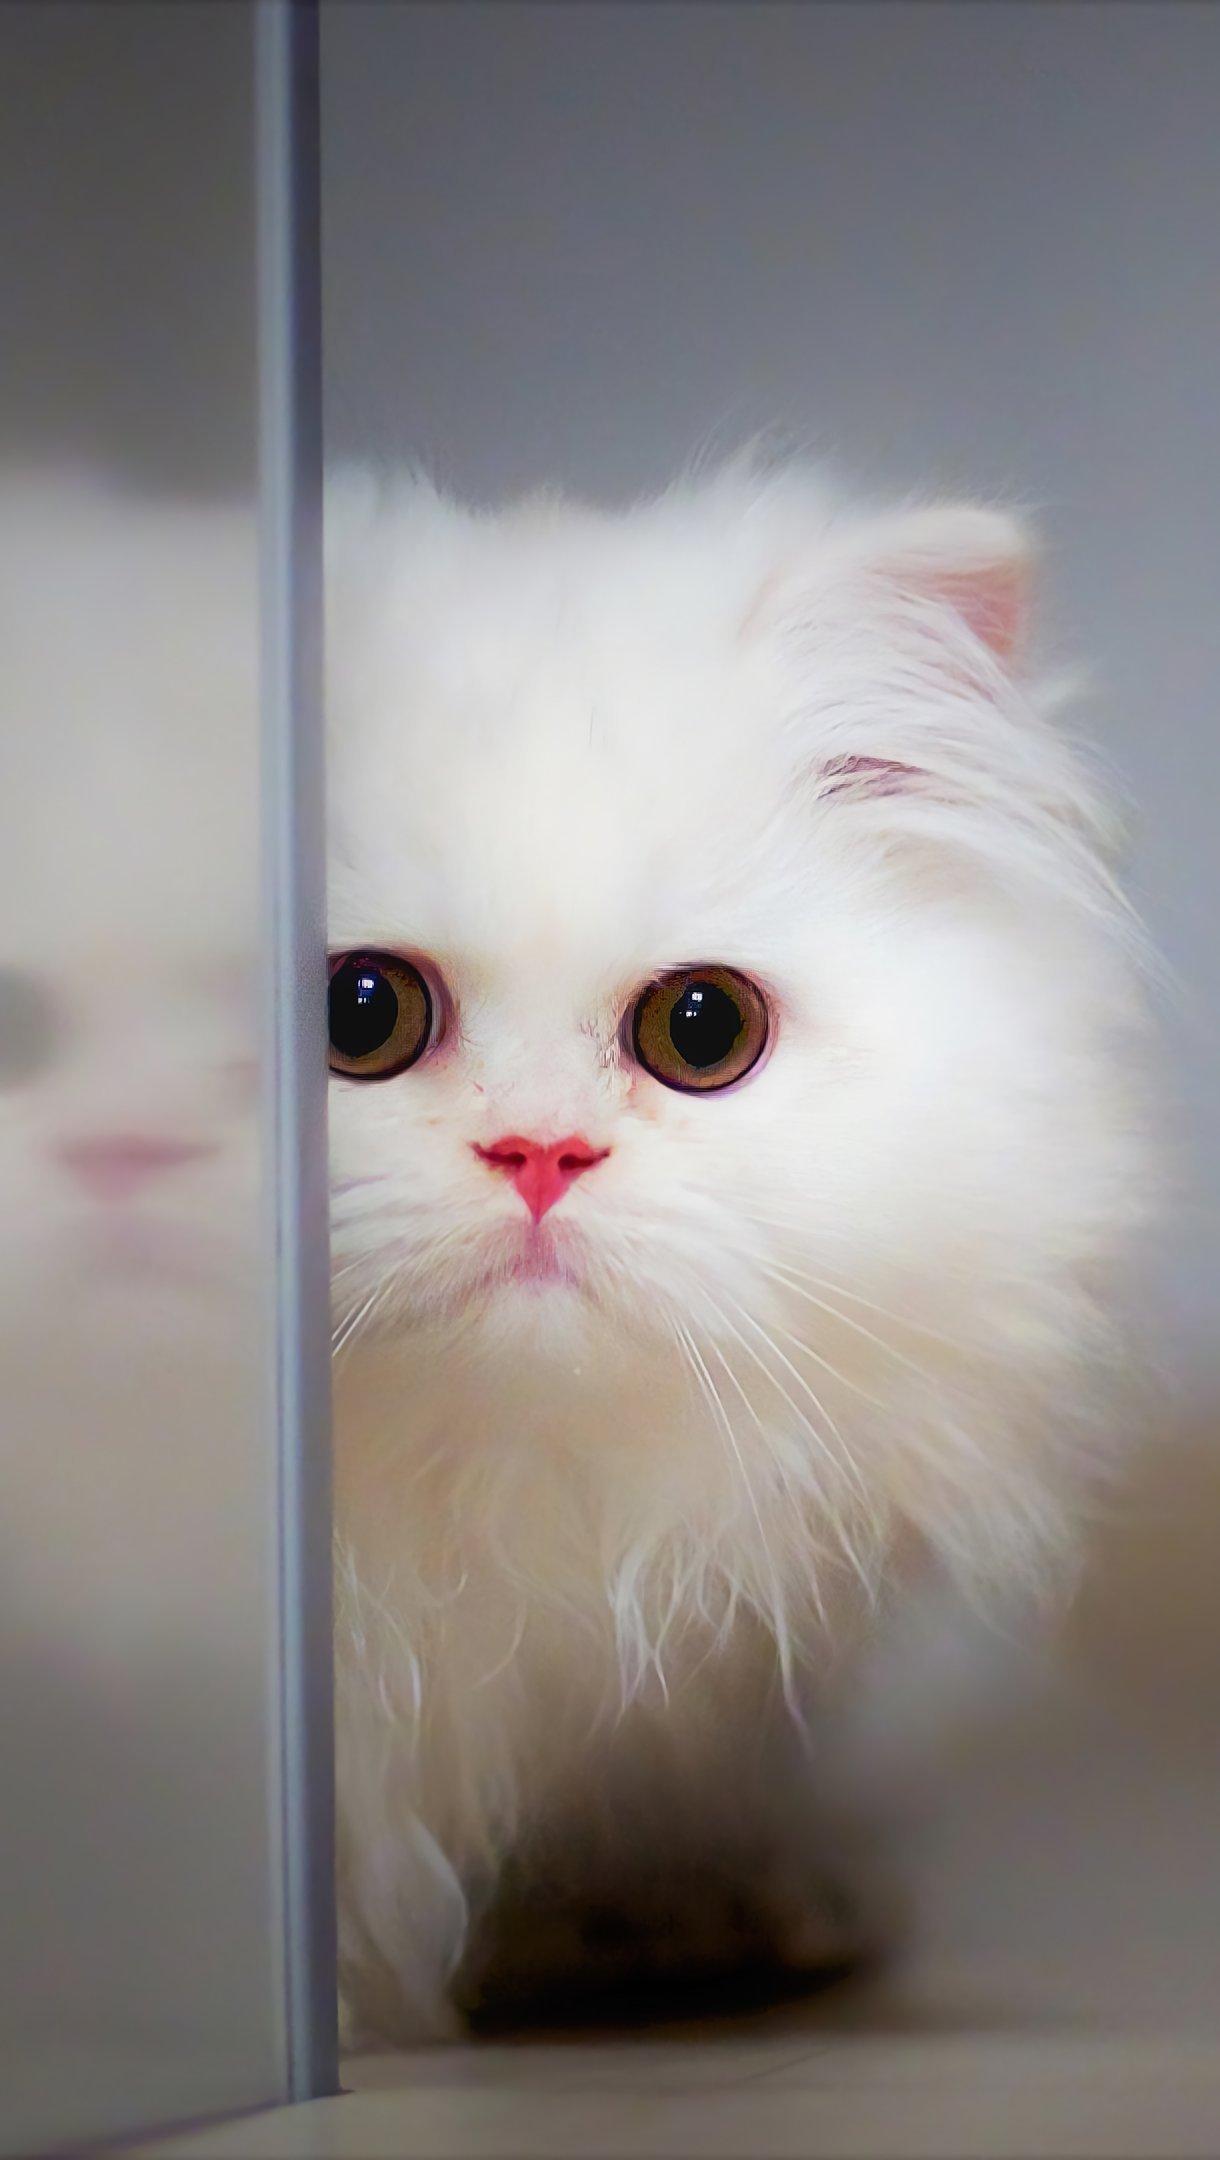 Fondos de pantalla Gato peludo Vertical